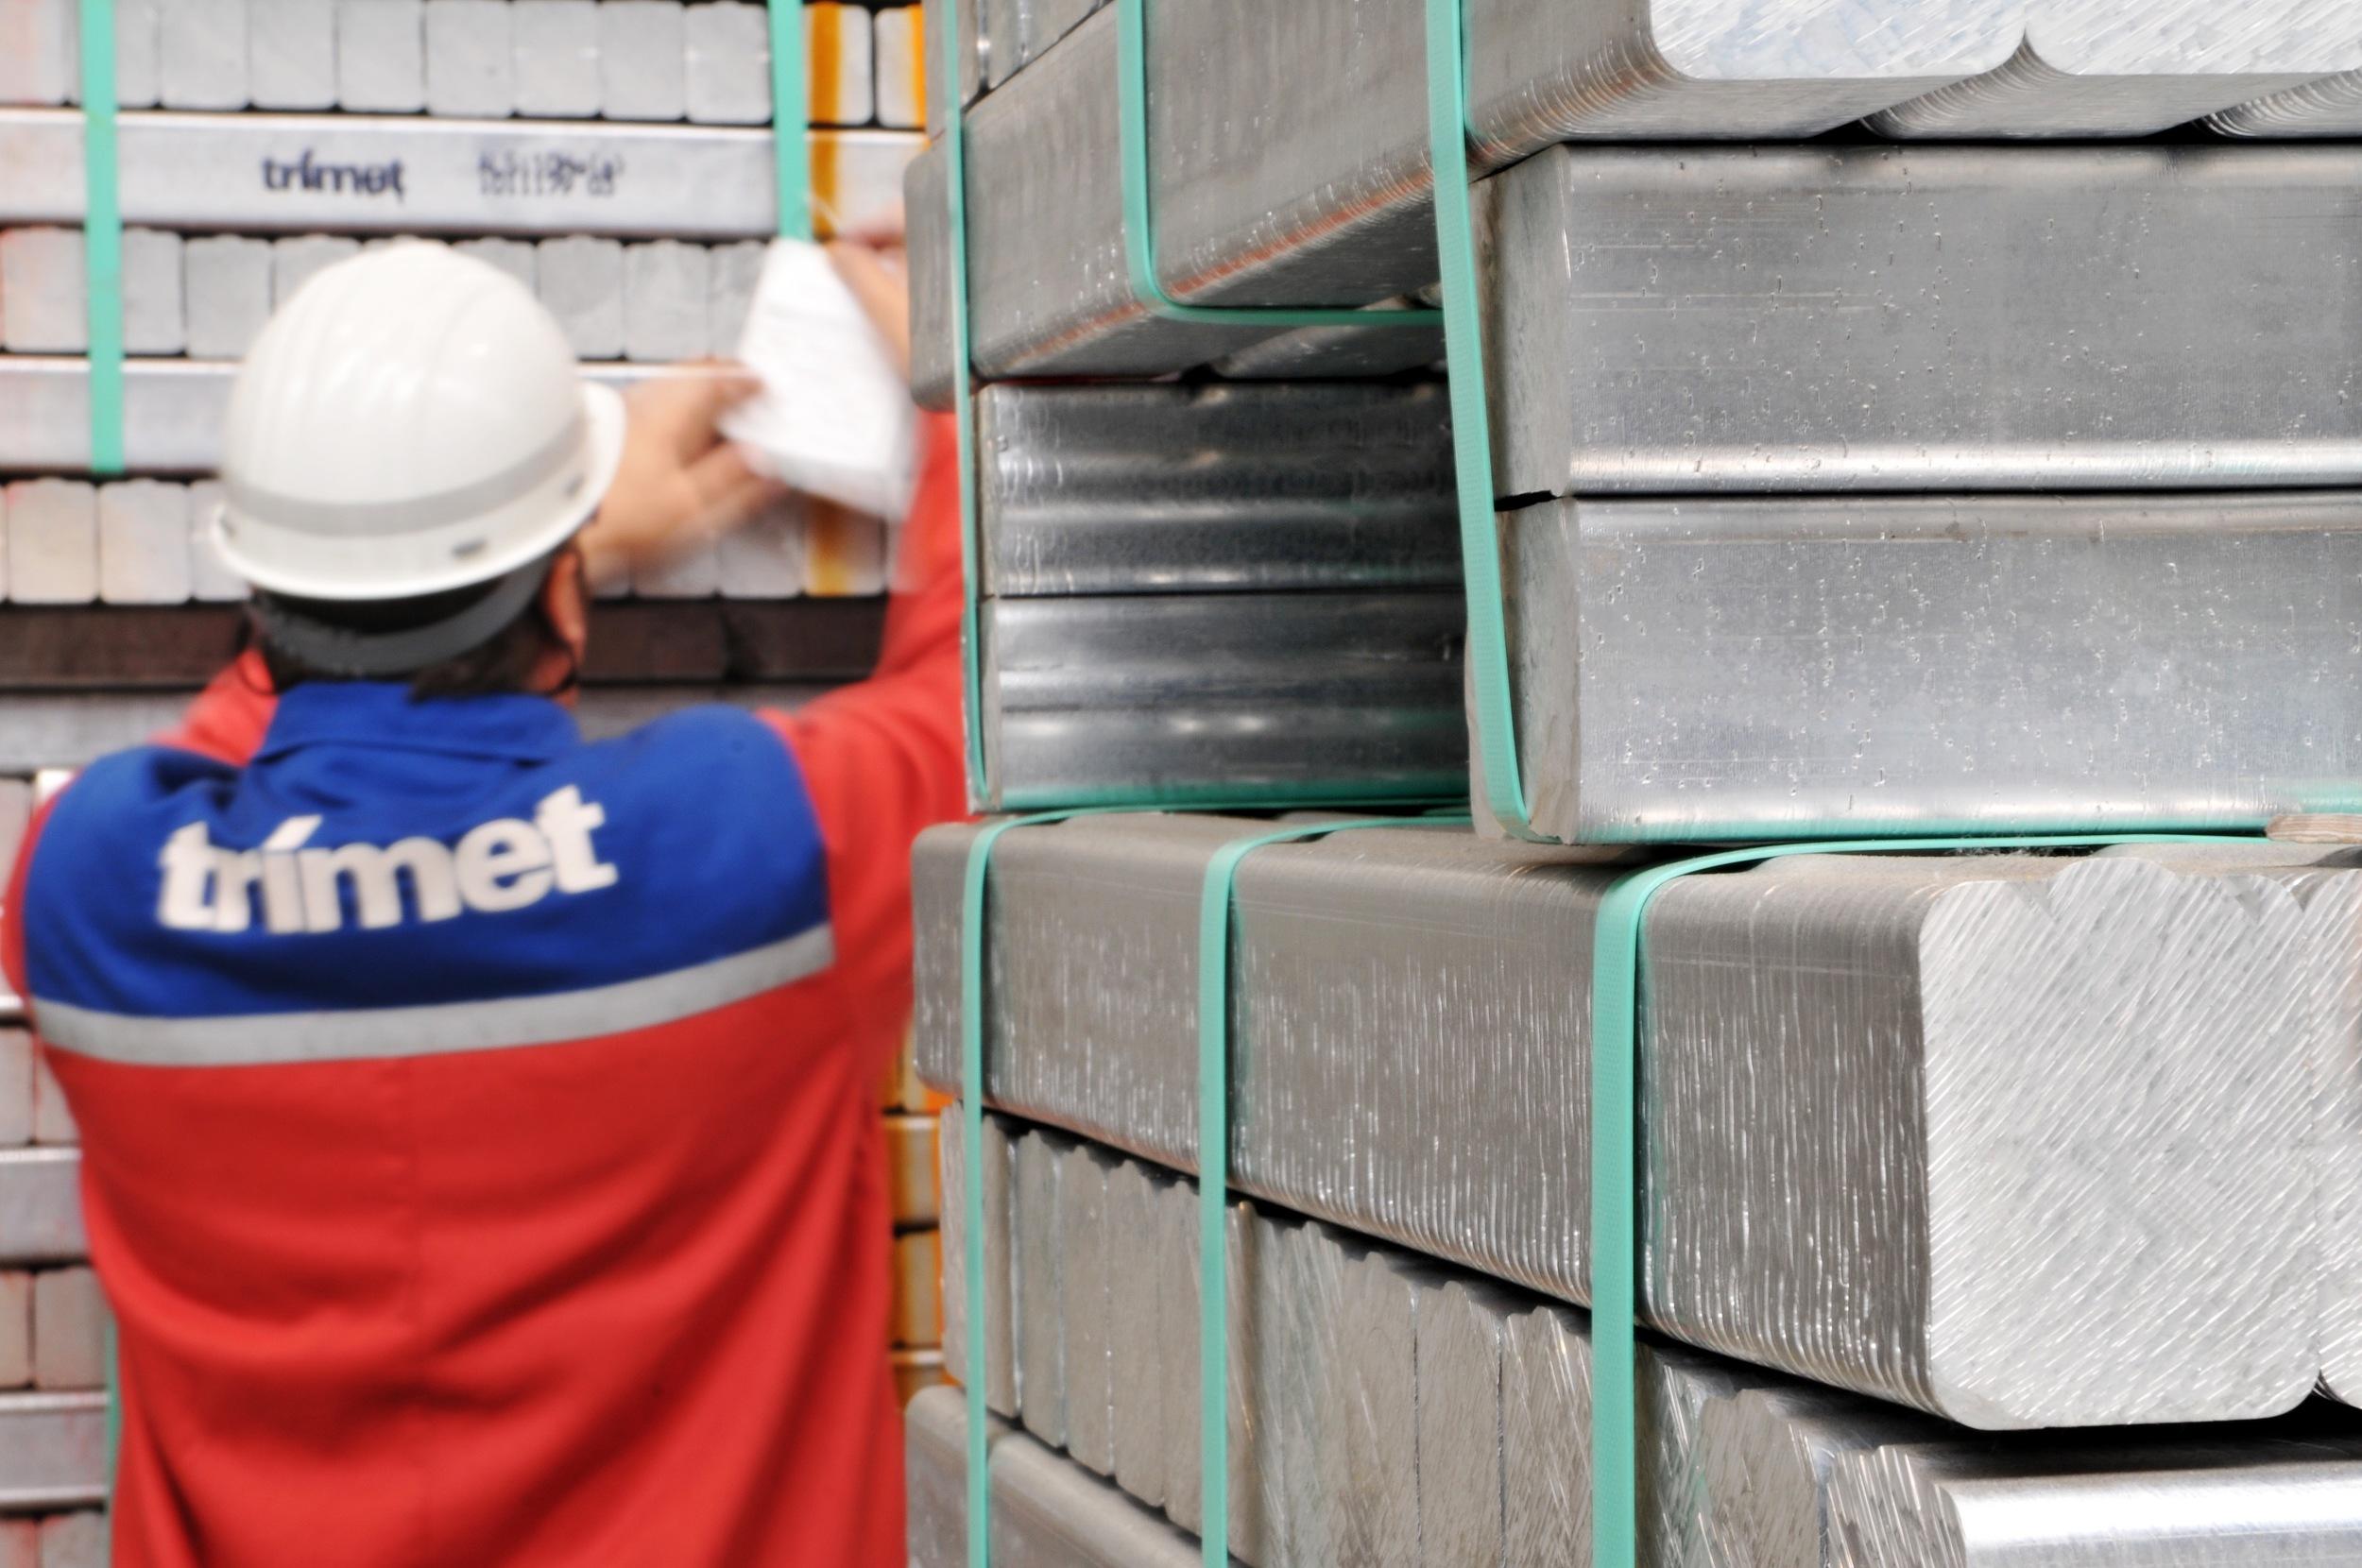 Trimet Aluminium